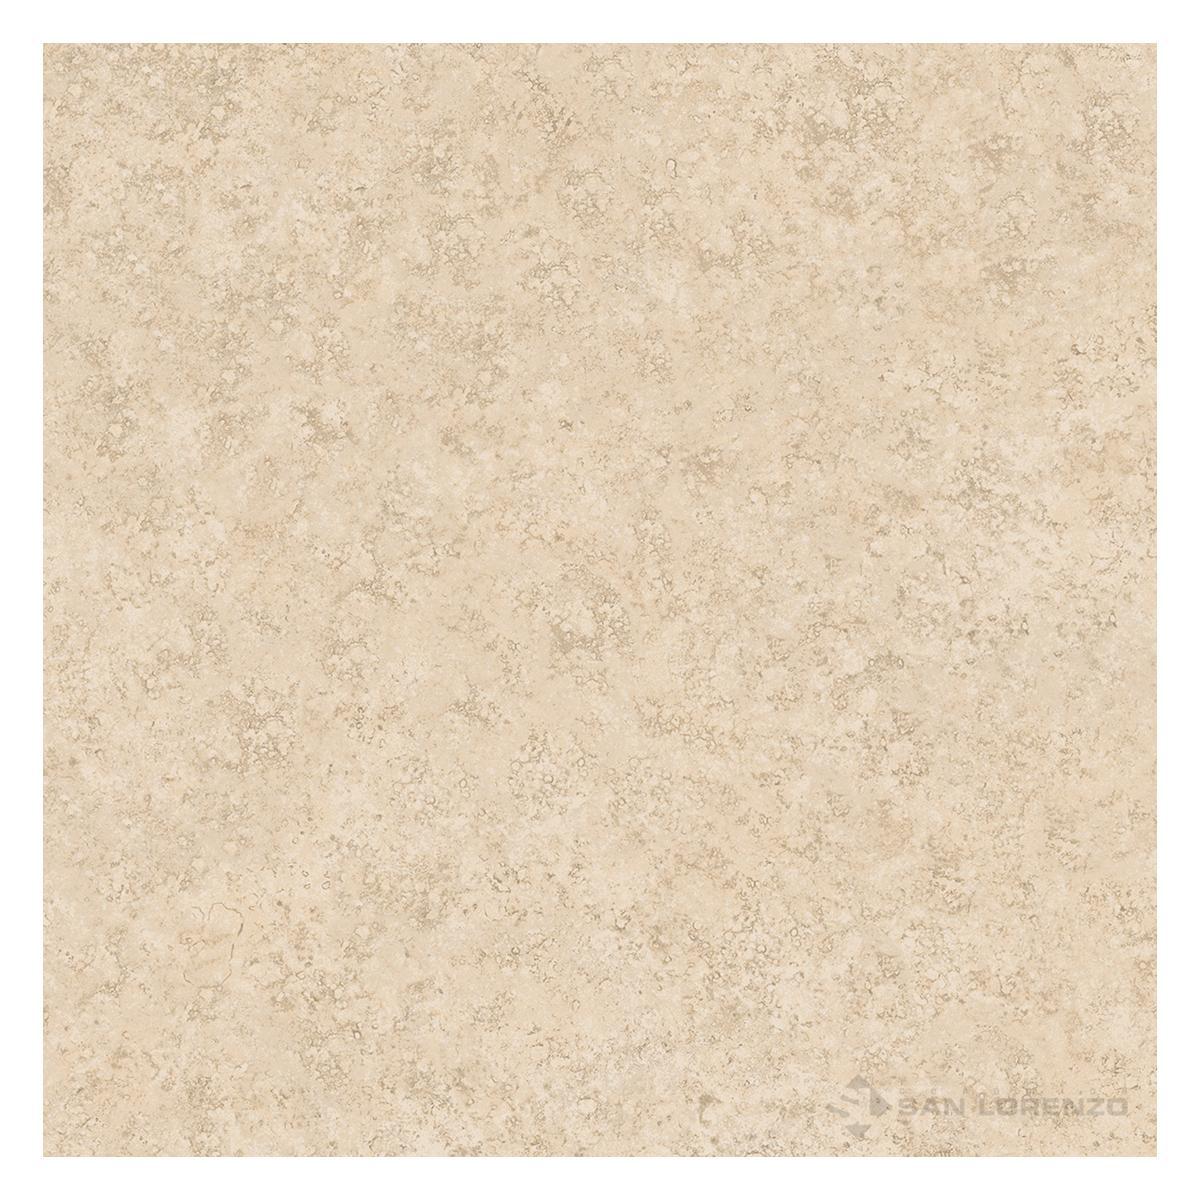 Piso Toscana Marrón Brillante - 45X45 cm - 2.08 m2